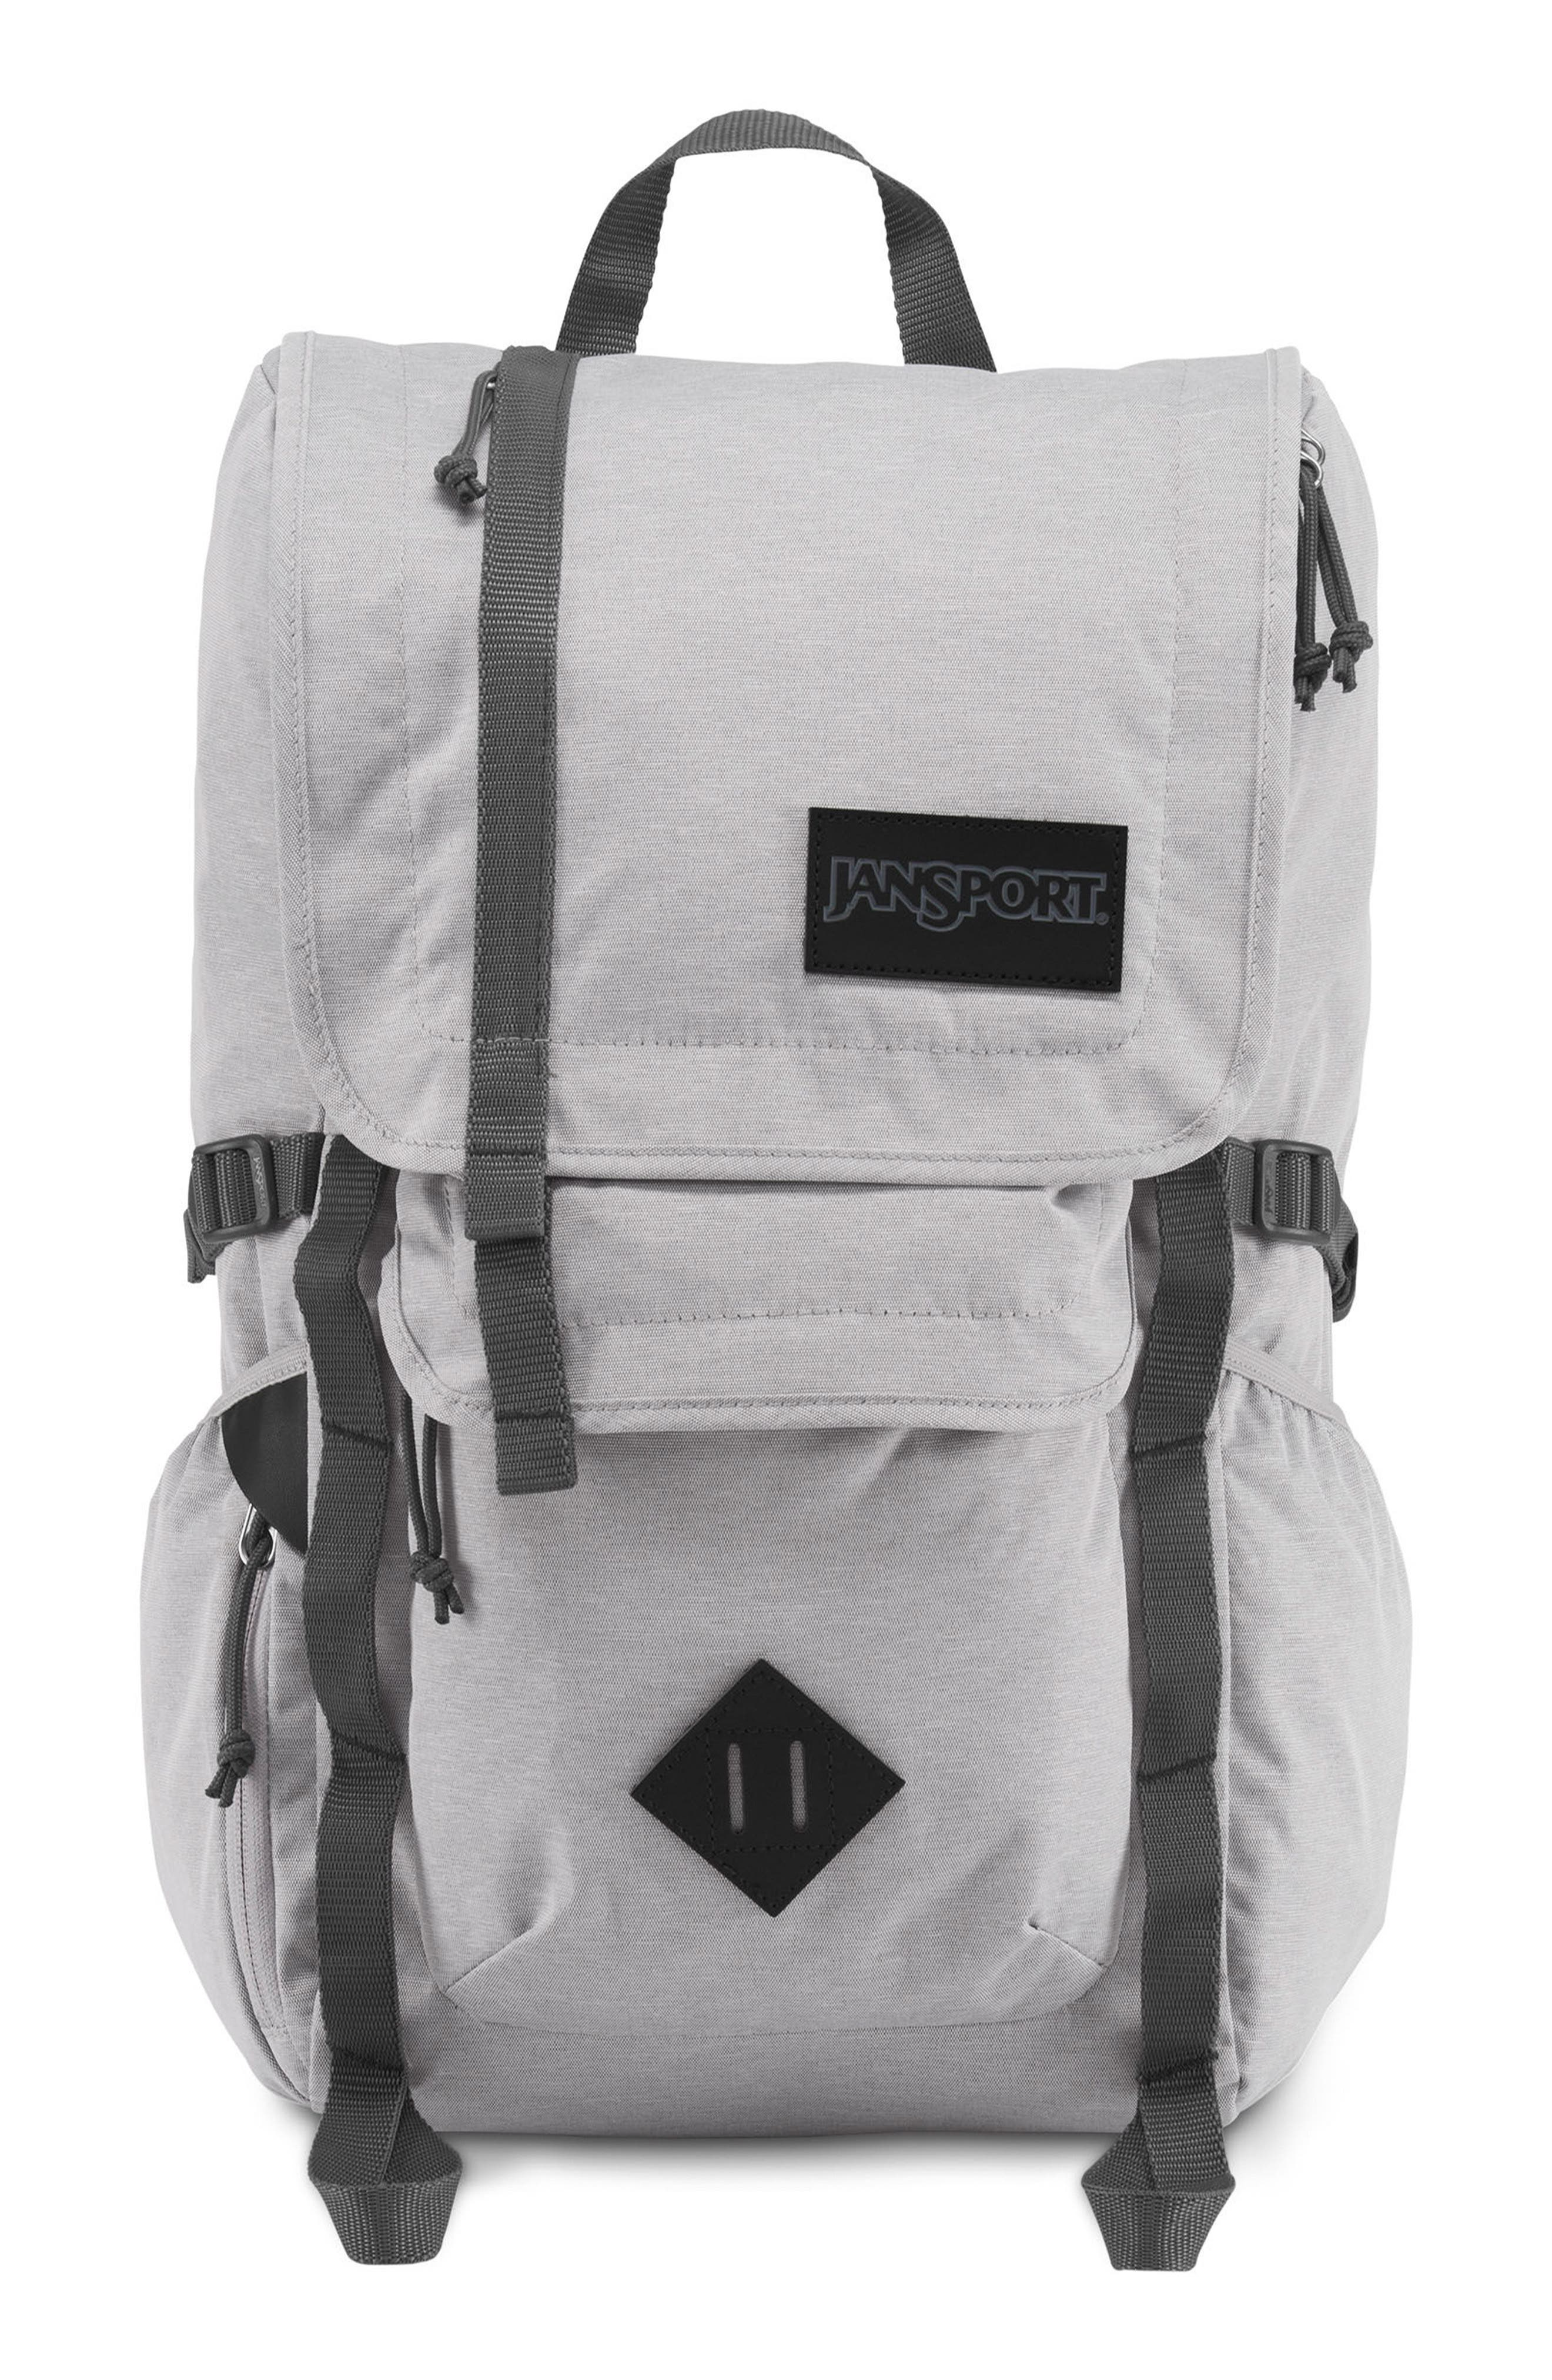 Jansport Hatchet Backpack